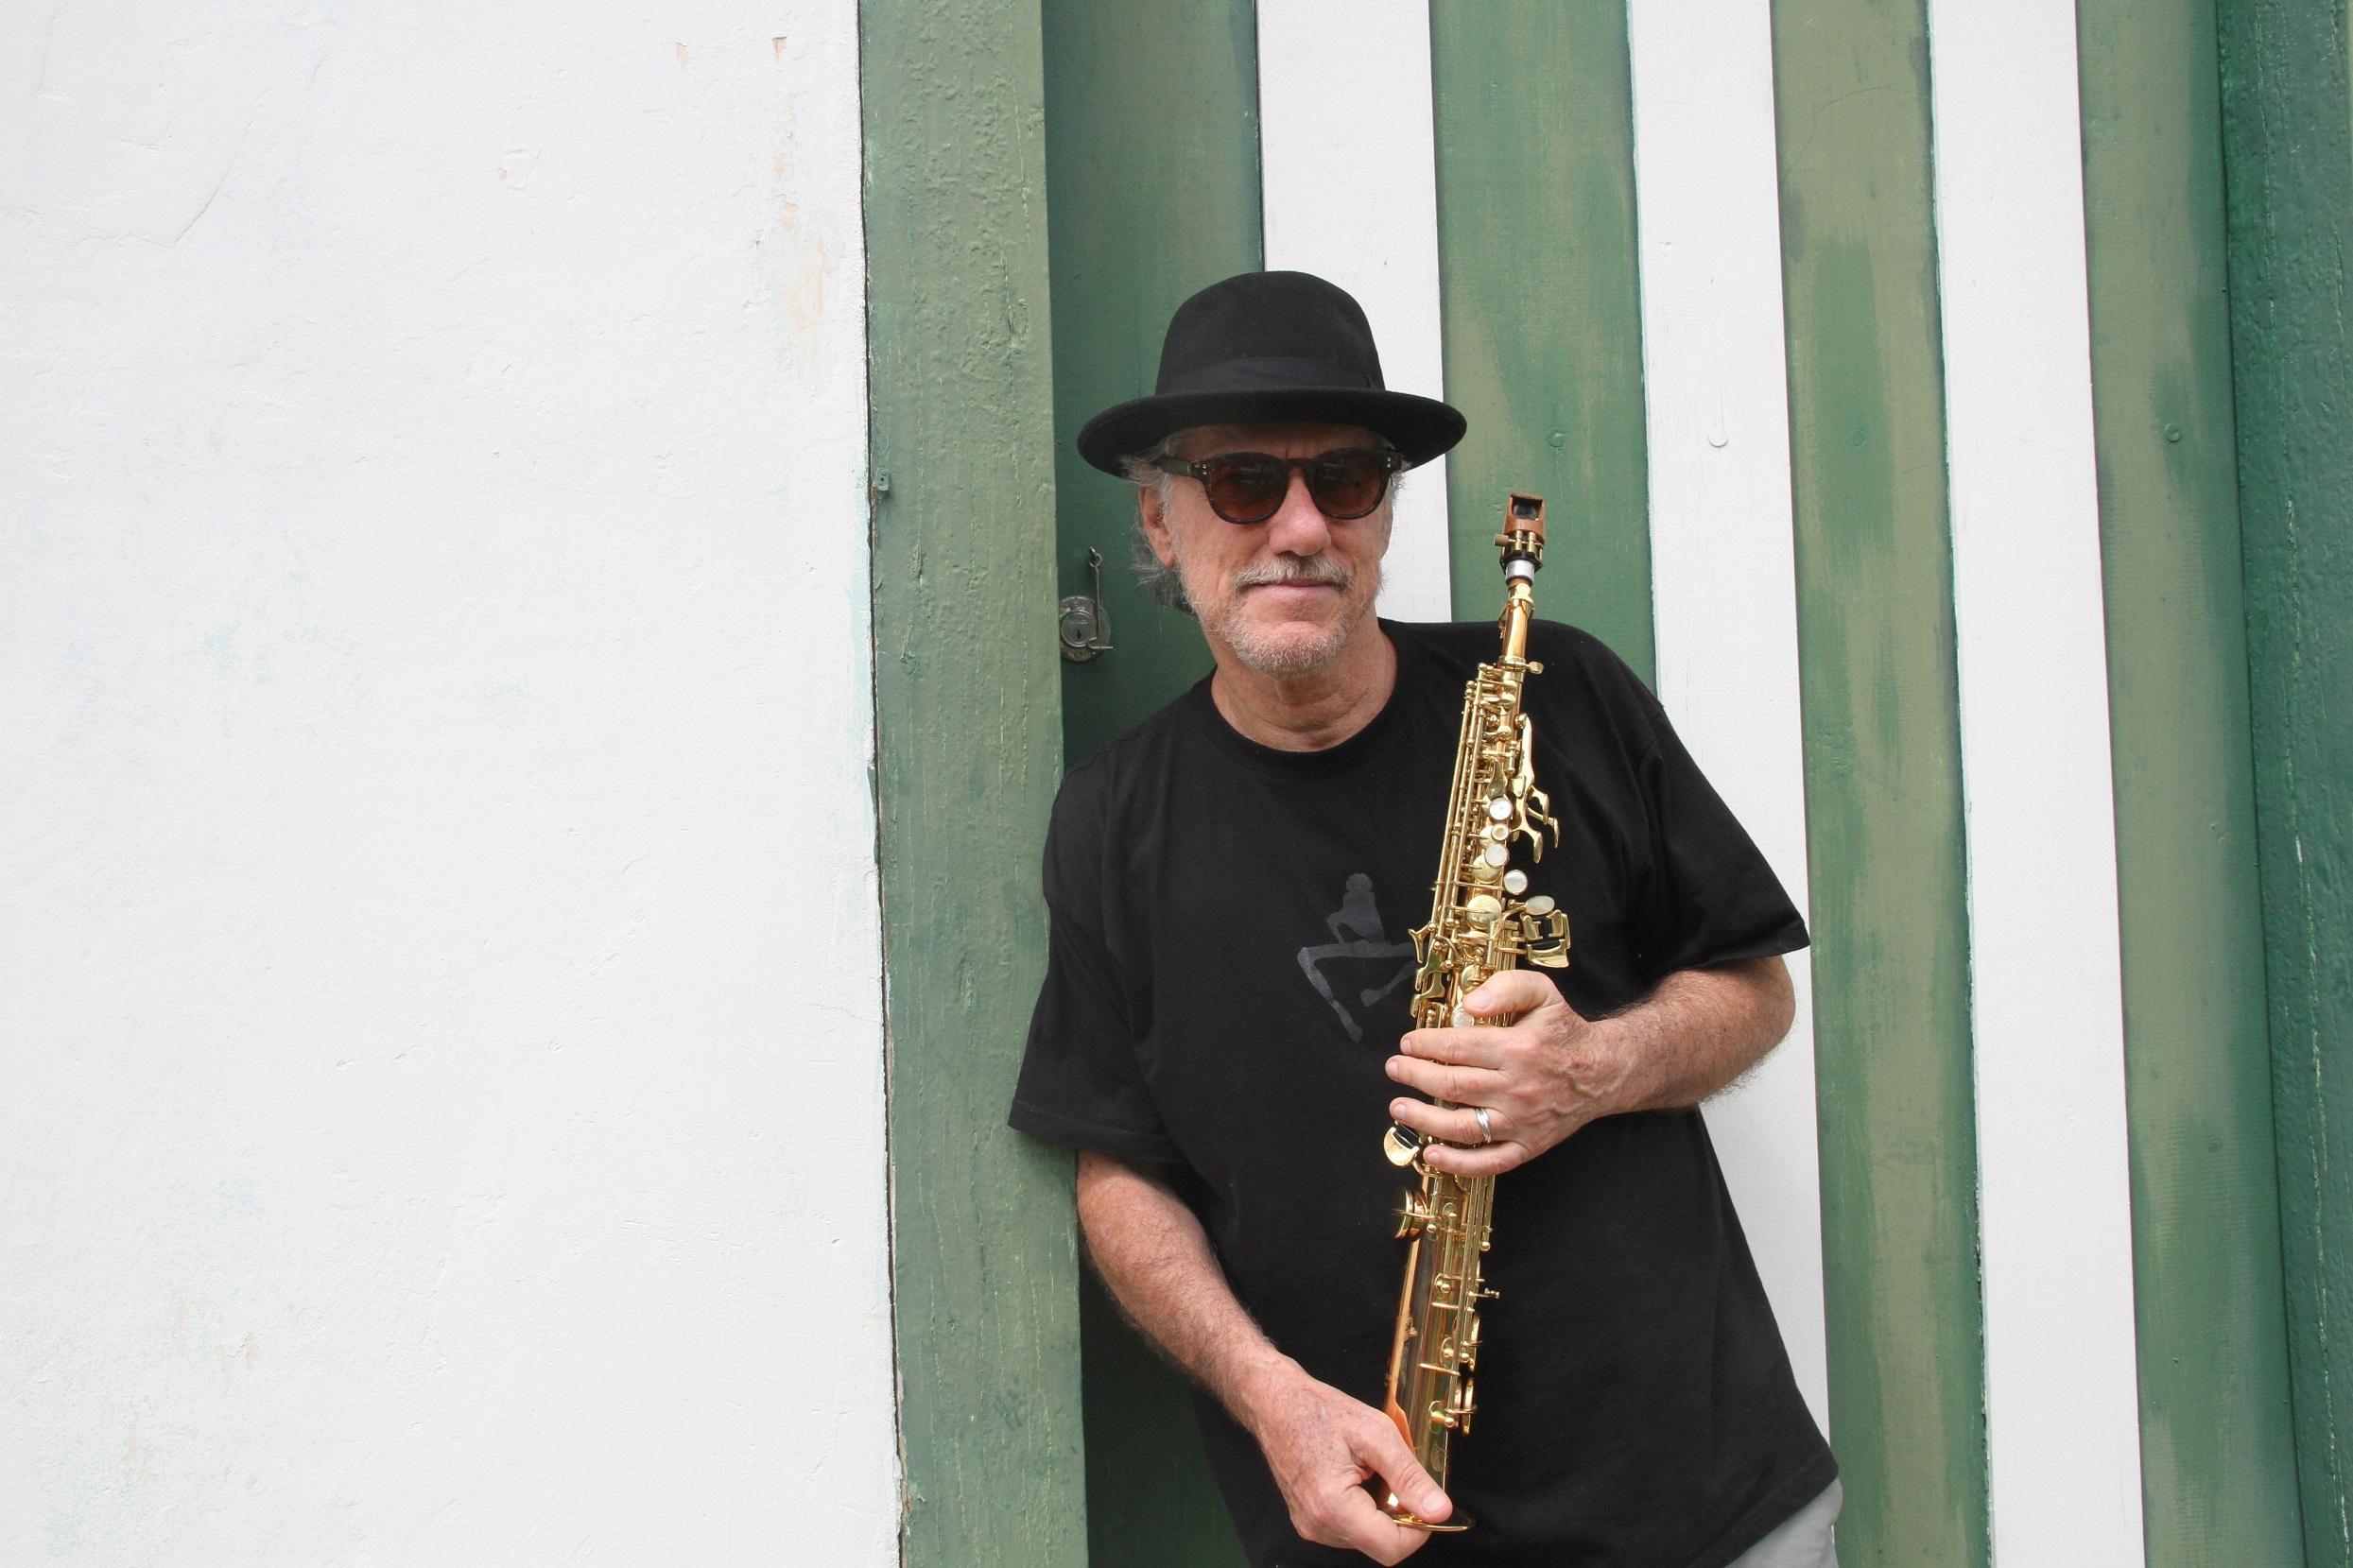 Mauro Senise, encostado numa parede, segurando um clarinete